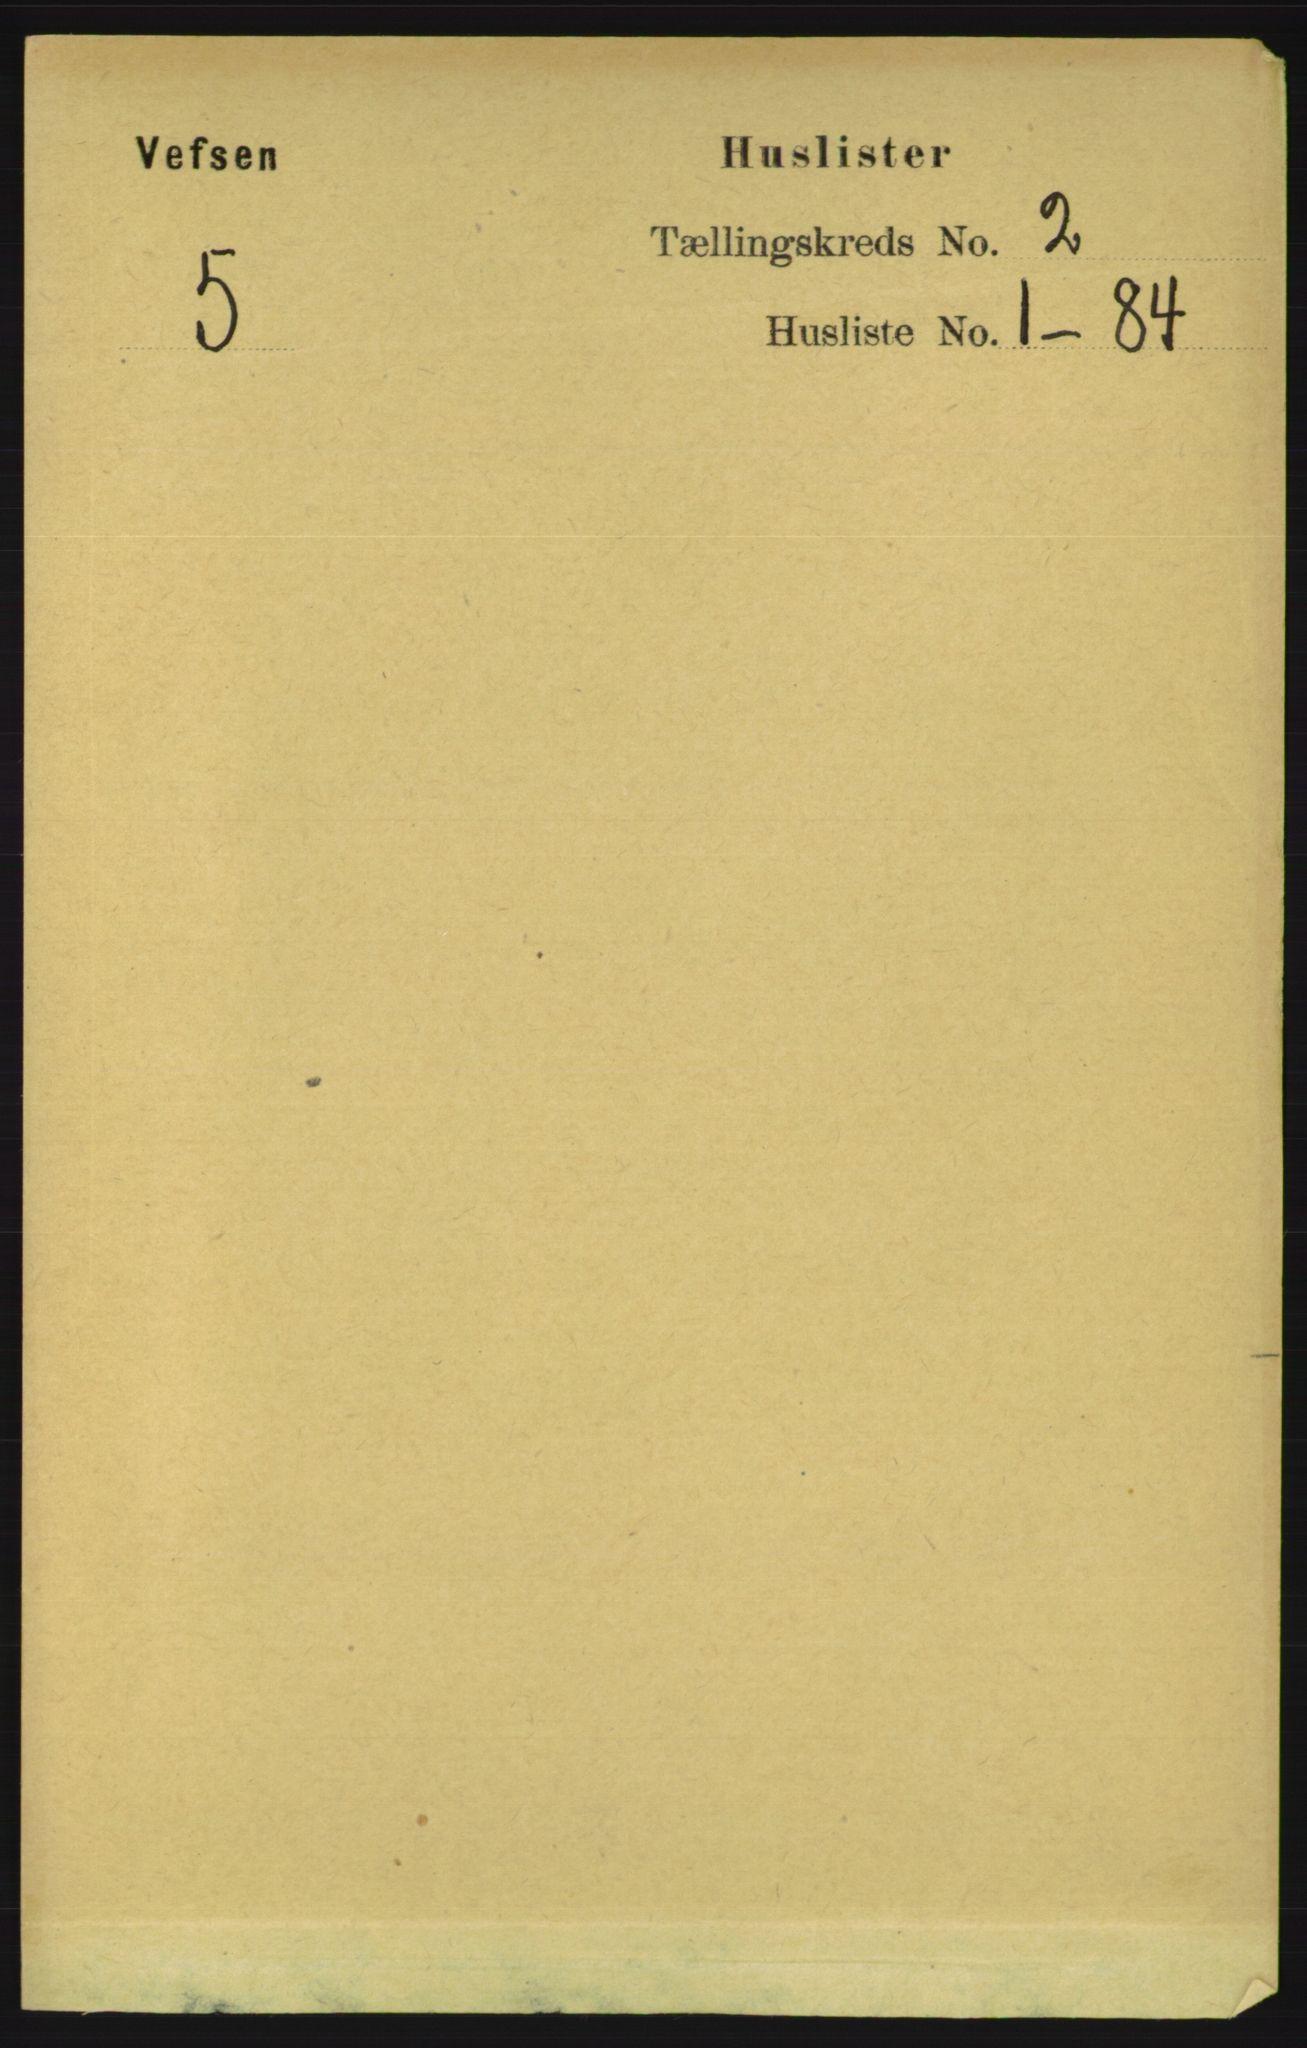 RA, Folketelling 1891 for 1824 Vefsn herred, 1891, s. 536